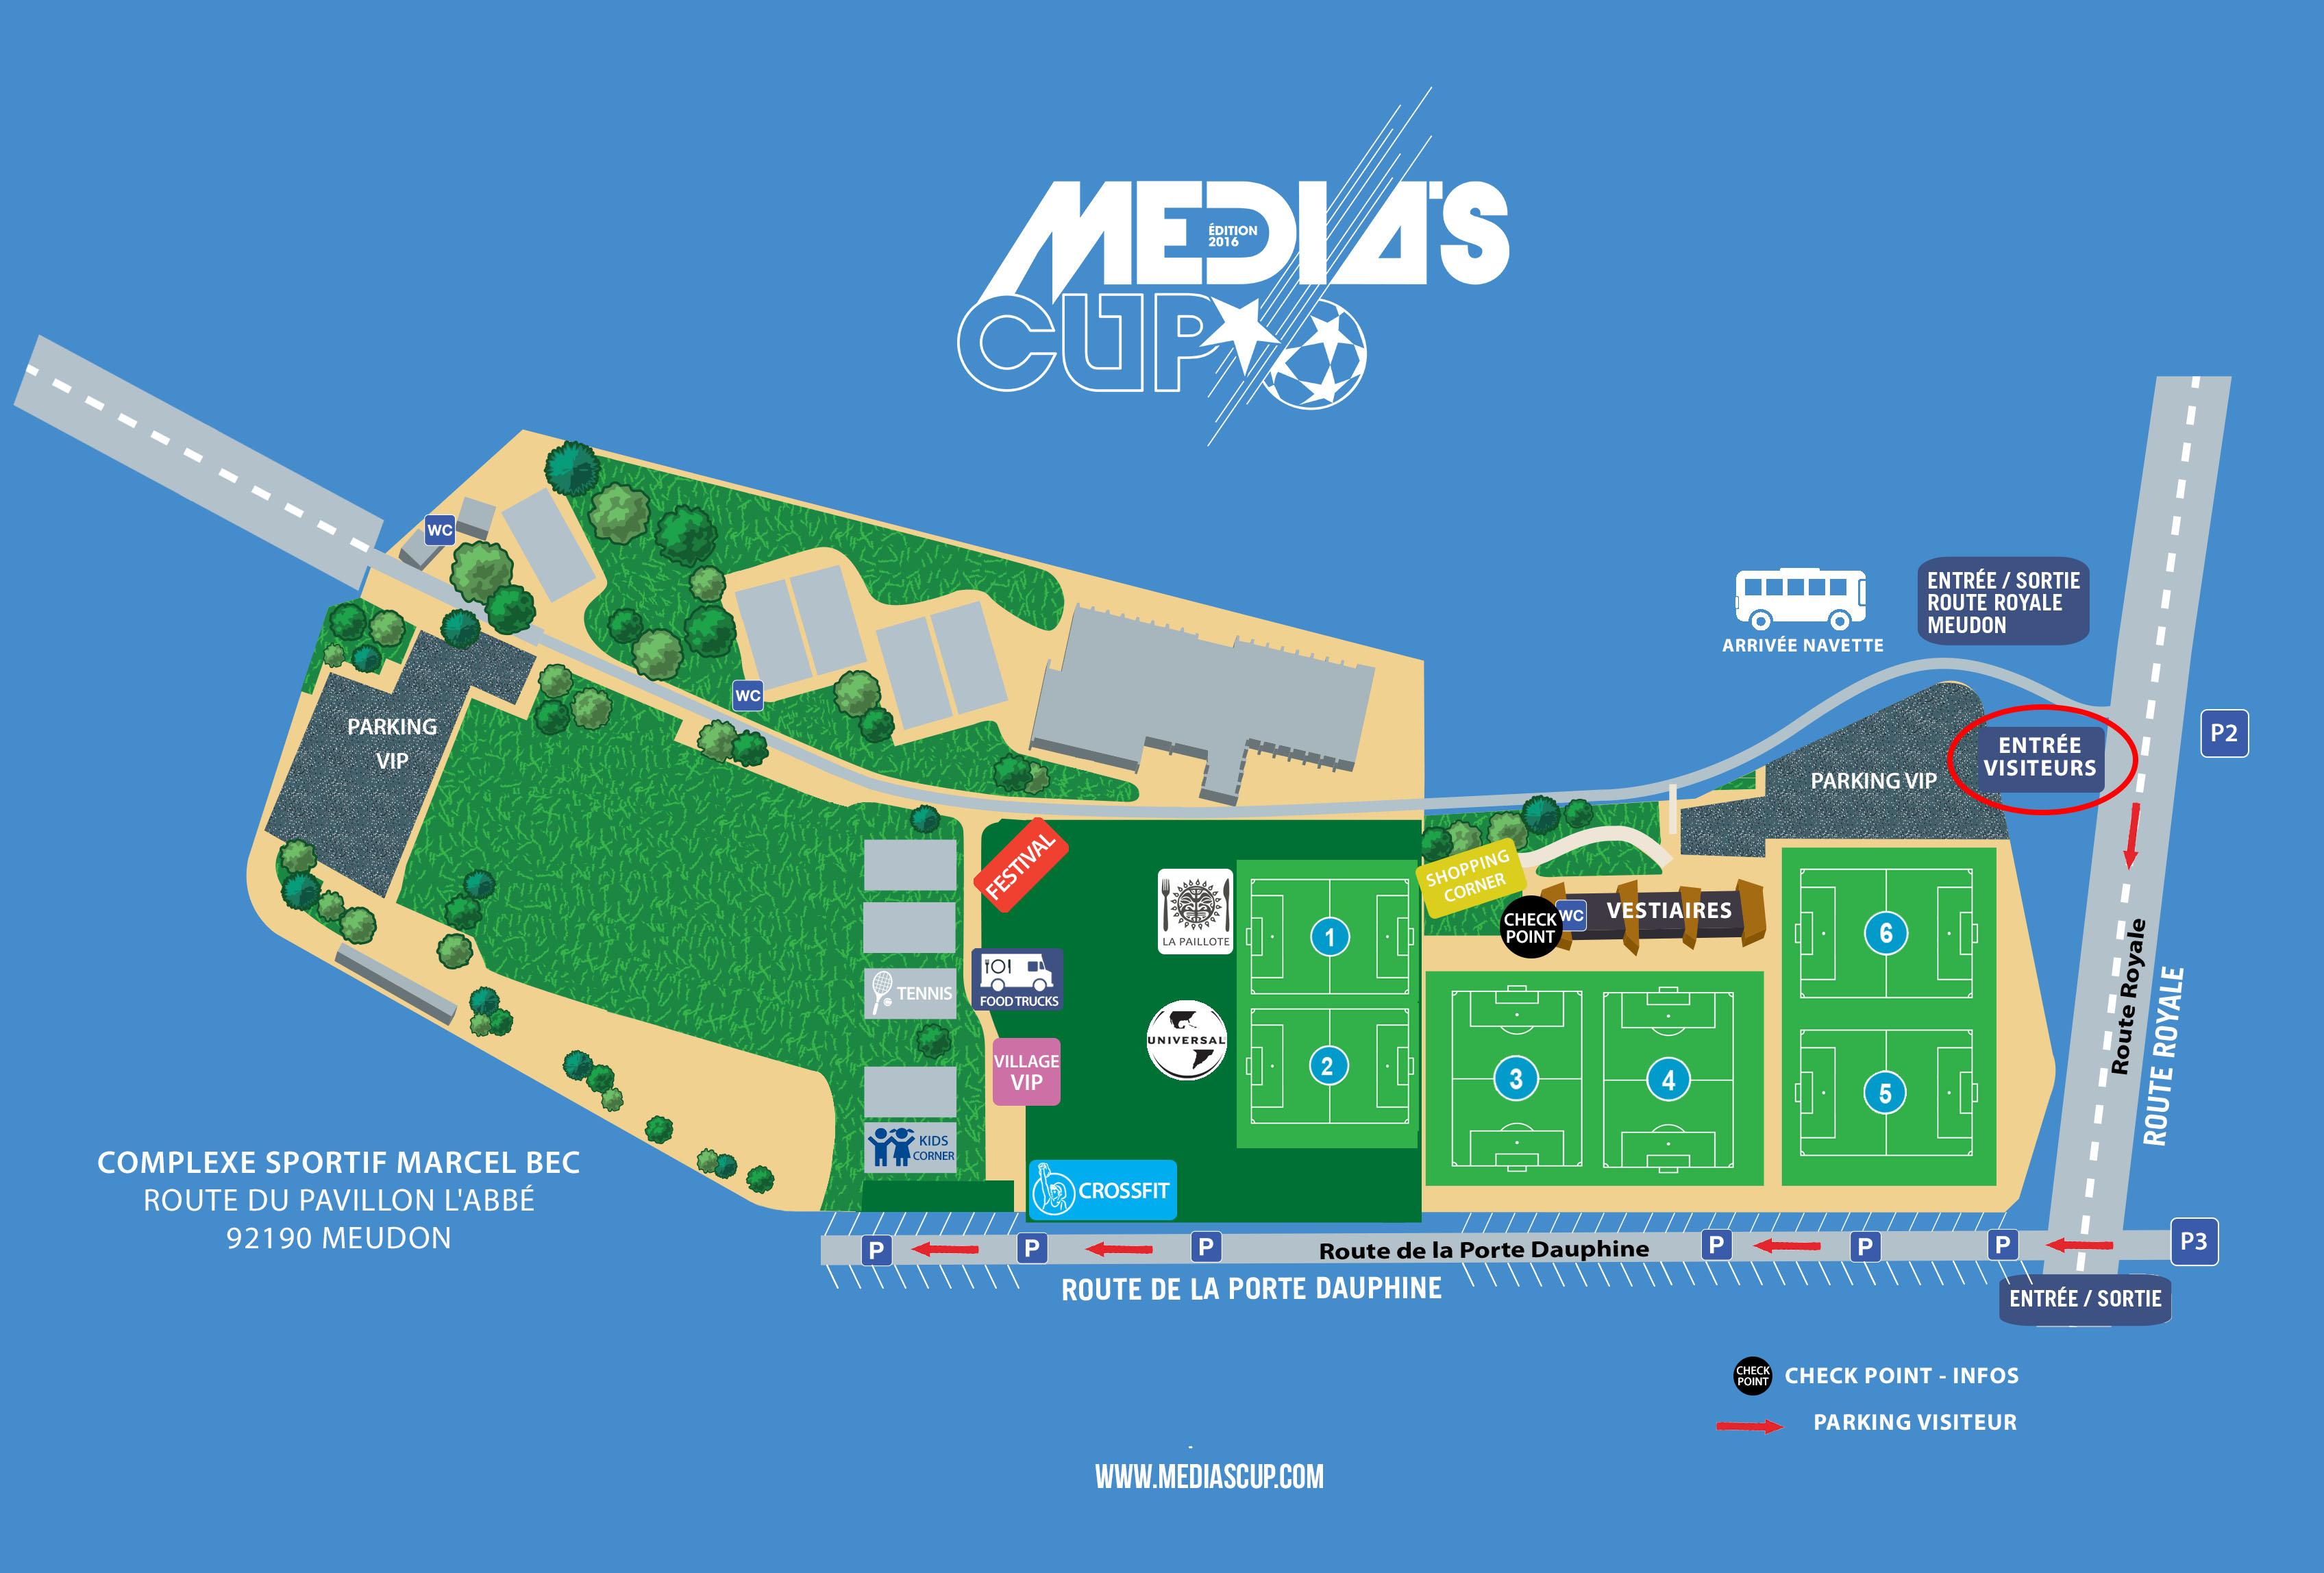 Plan de la Media's Cup